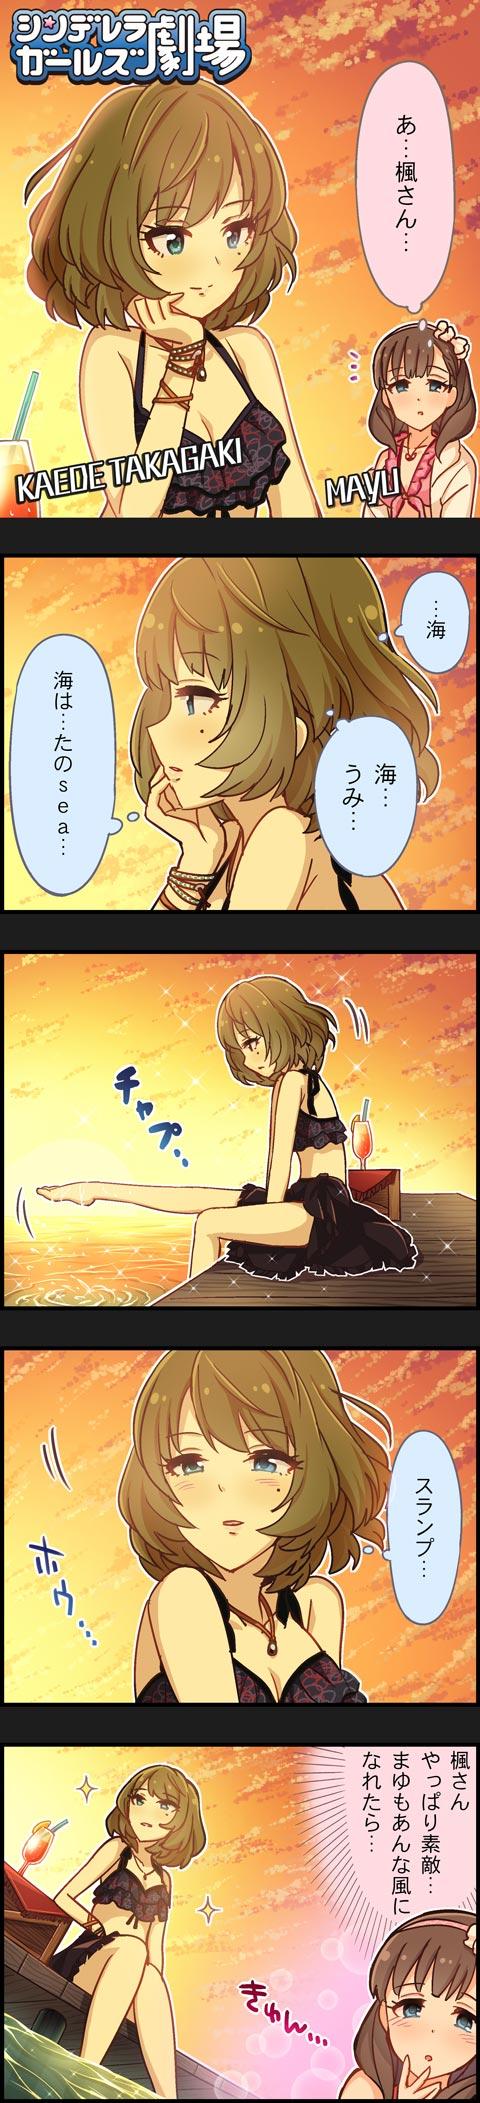 sakuma mayu and takagaki kaede (cinderella girls gekijou, idolmaster, and idolmaster cinderella girls)